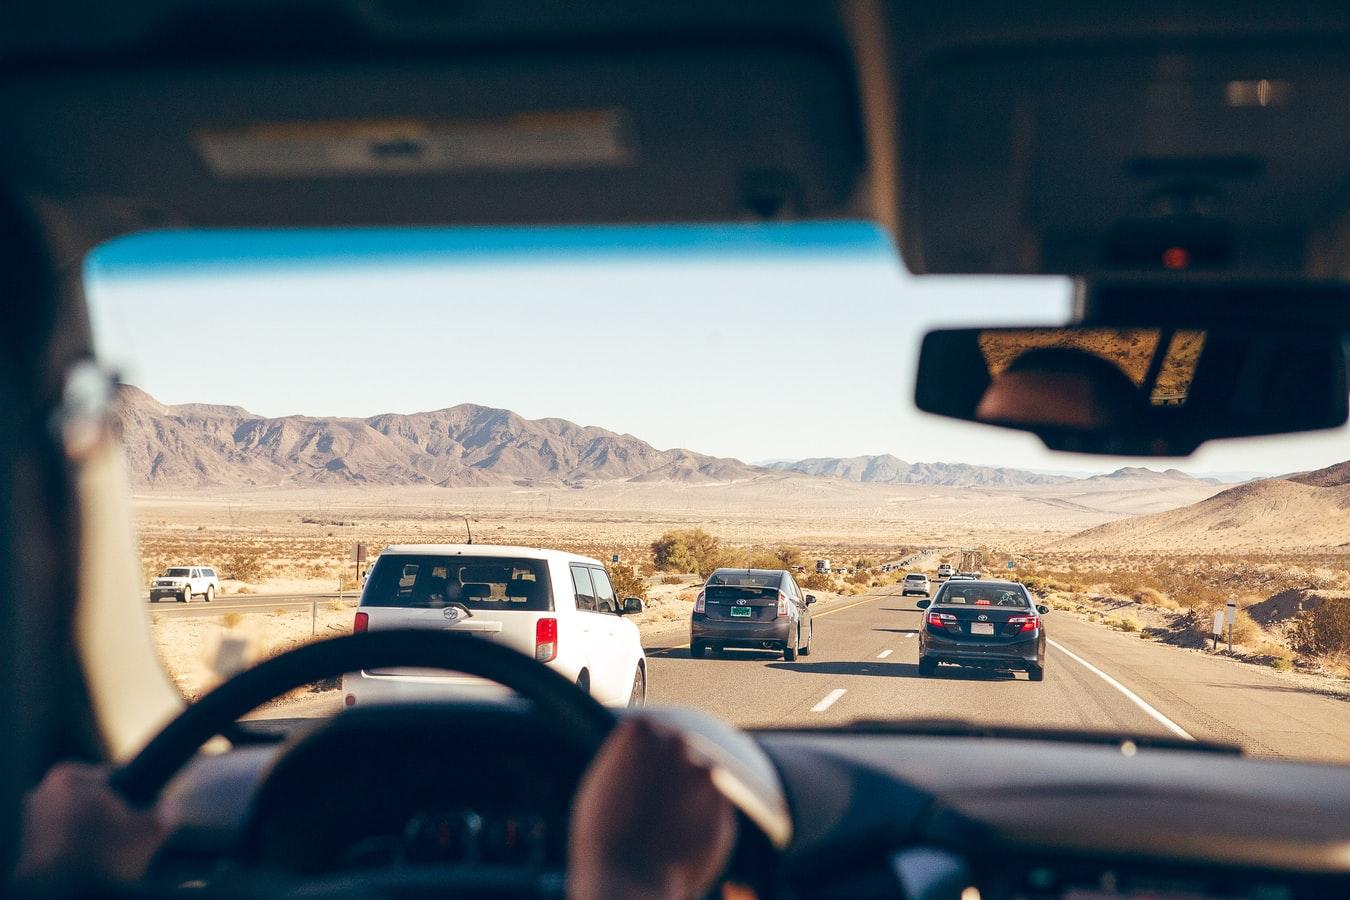 6 วิธีประหยัดค่าเบี้ยประกันรถยนต์ │Smile Insure